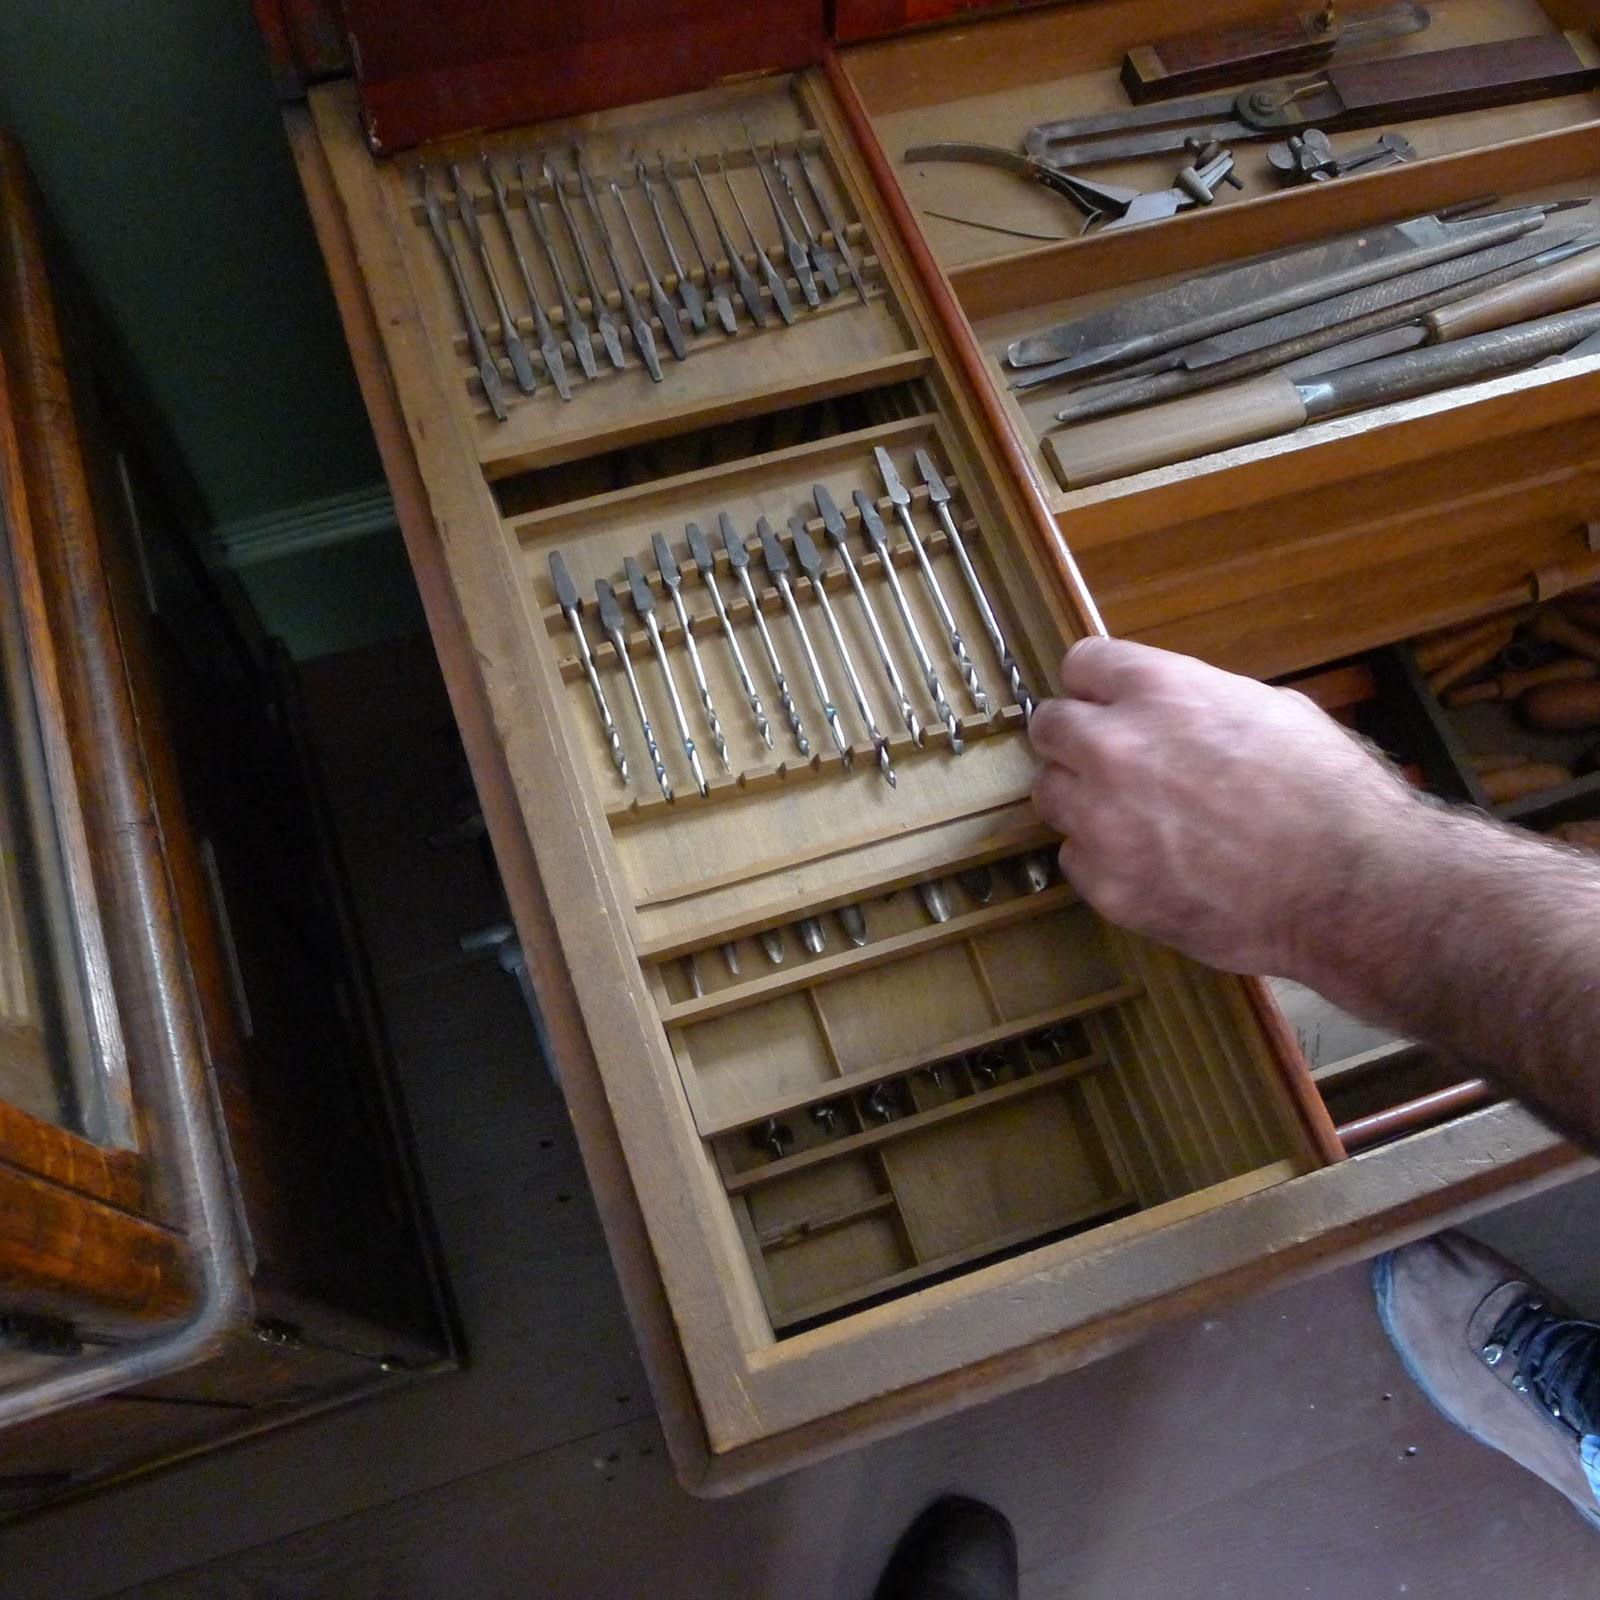 Rundell & Rundell: Joseph Goostray's Pattern Makers Chest